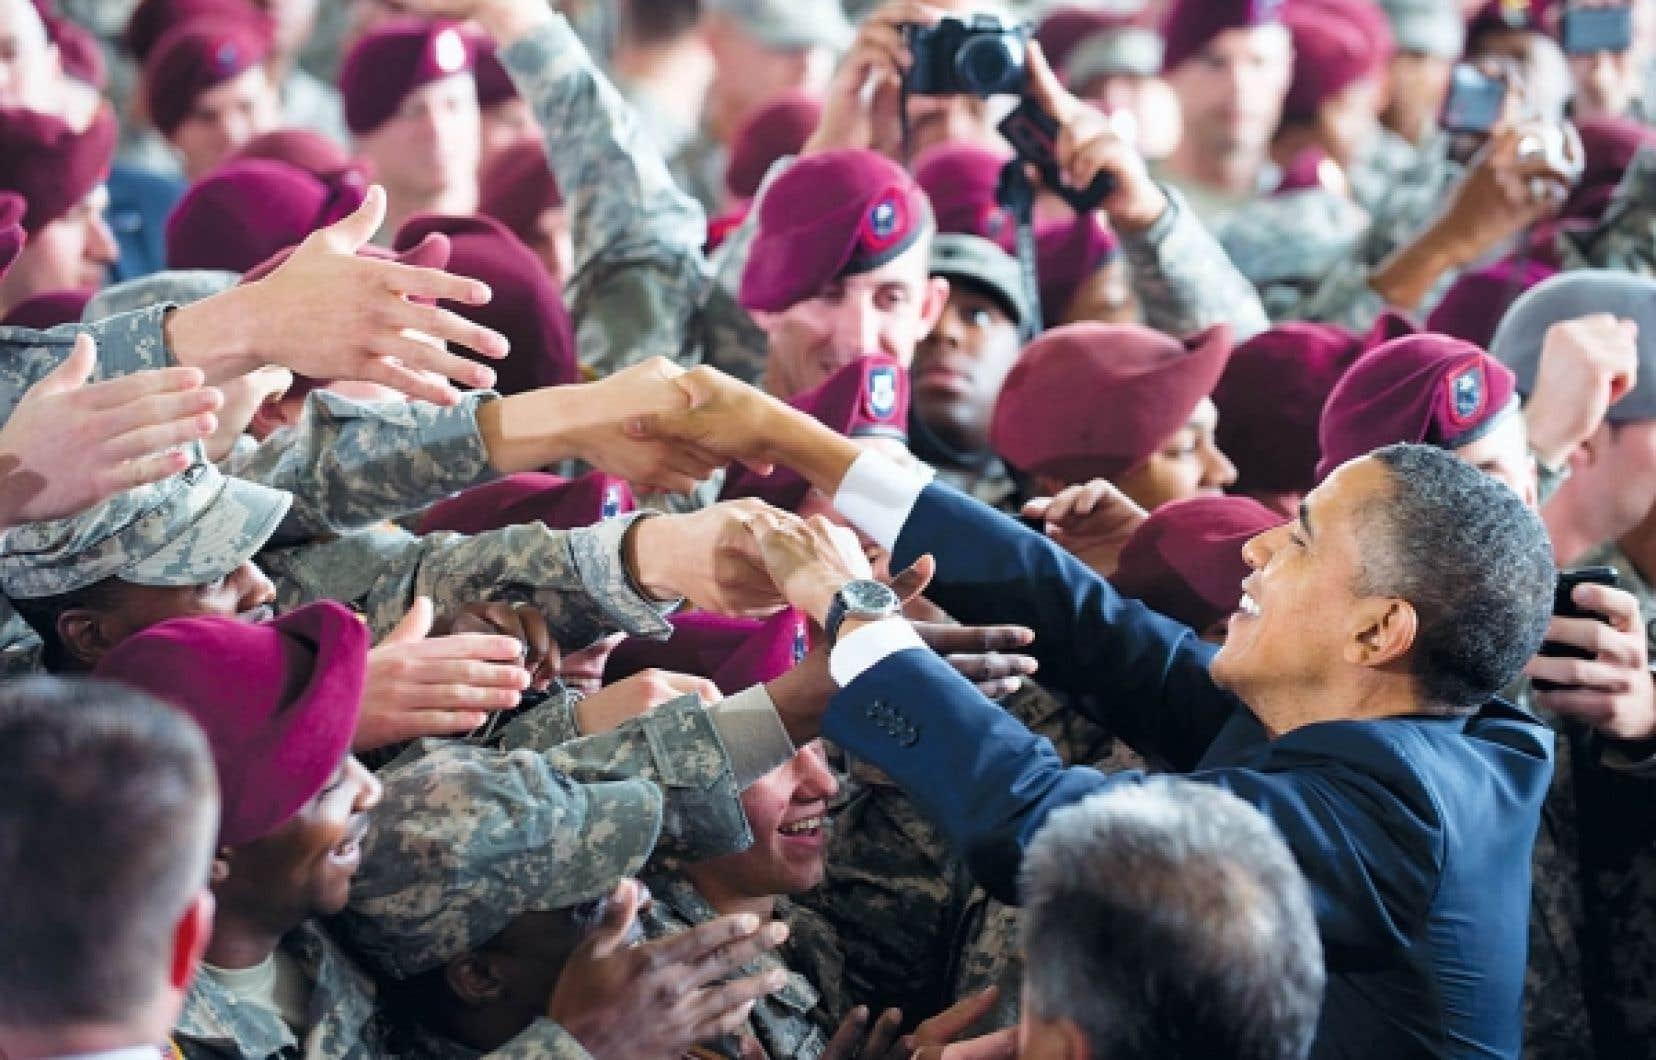 Le président Barack Obama a salué hier la «réussite extraordinaire» des États-Unis en Irak, mais a appelé à tirer des leçons de ce conflit, en rendant hommage aux soldats quelques jours avant la fin du retrait prévu de l'armée américaine de ce pays. «Nous laissons derrière nous un État souverain, stable, autosuffisant, avec un gouvernement représentatif qui a été élu par son peuple. Nous bâtissons un nouveau partenariat entre nos pays. Et nous terminons une guerre non avec une bataille finale, mais avec une dernière marche du retour», a dit le président.<br />